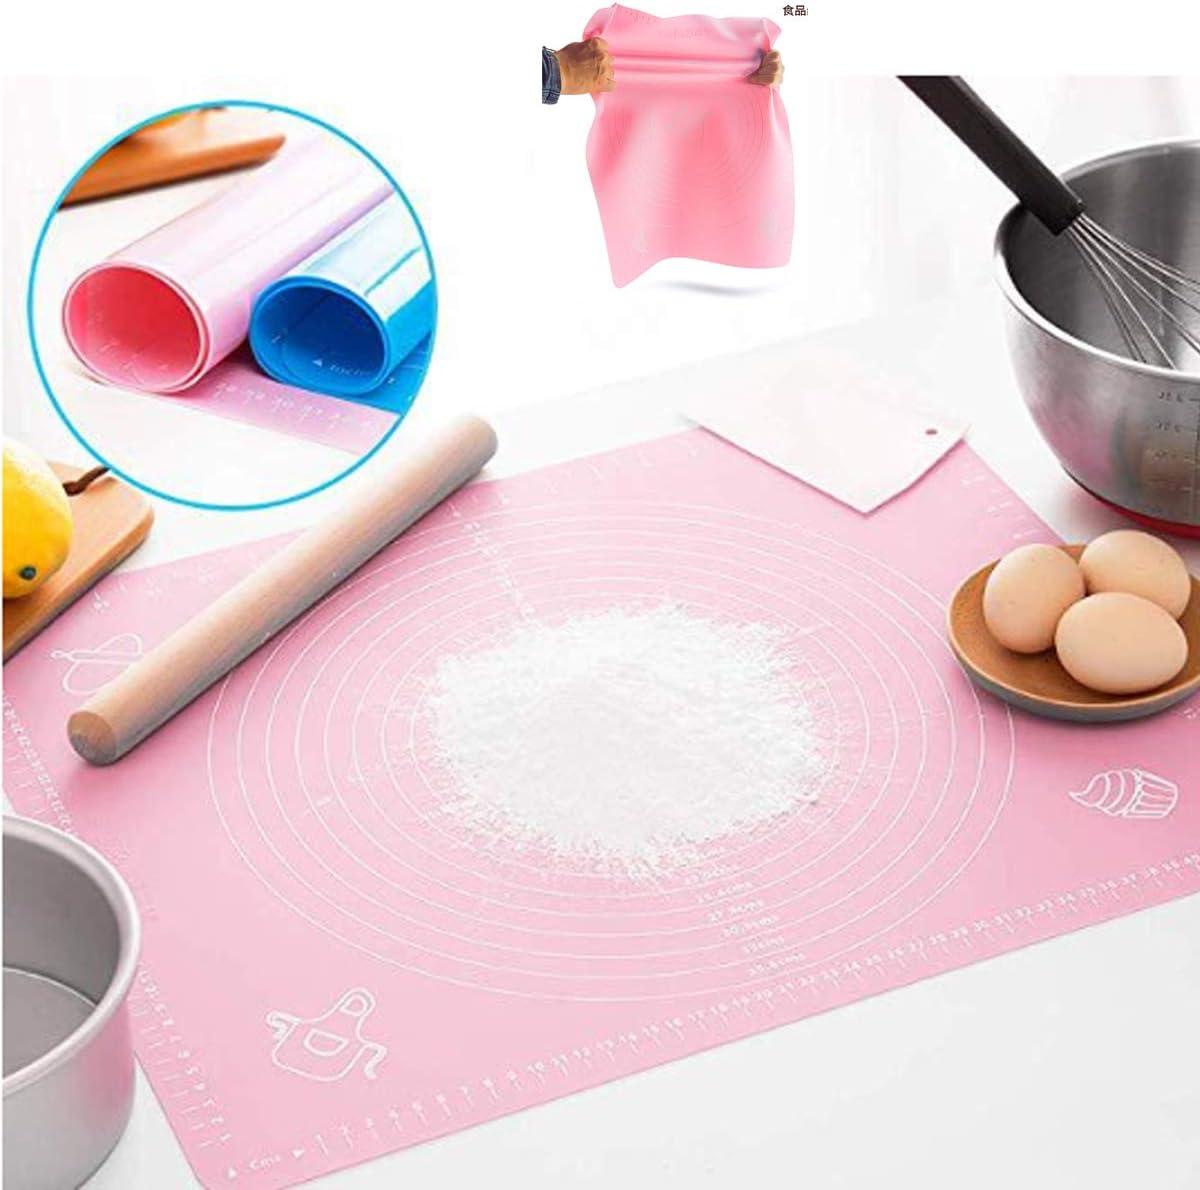 Tianher 2 Pezzi Tappetino Silicone Teglia Carta da Forno Riutilizzabile in Silicone Blu Rosa per Forno Pasticceria Resistente al Calore Pizza Pasta Fondente Dolci